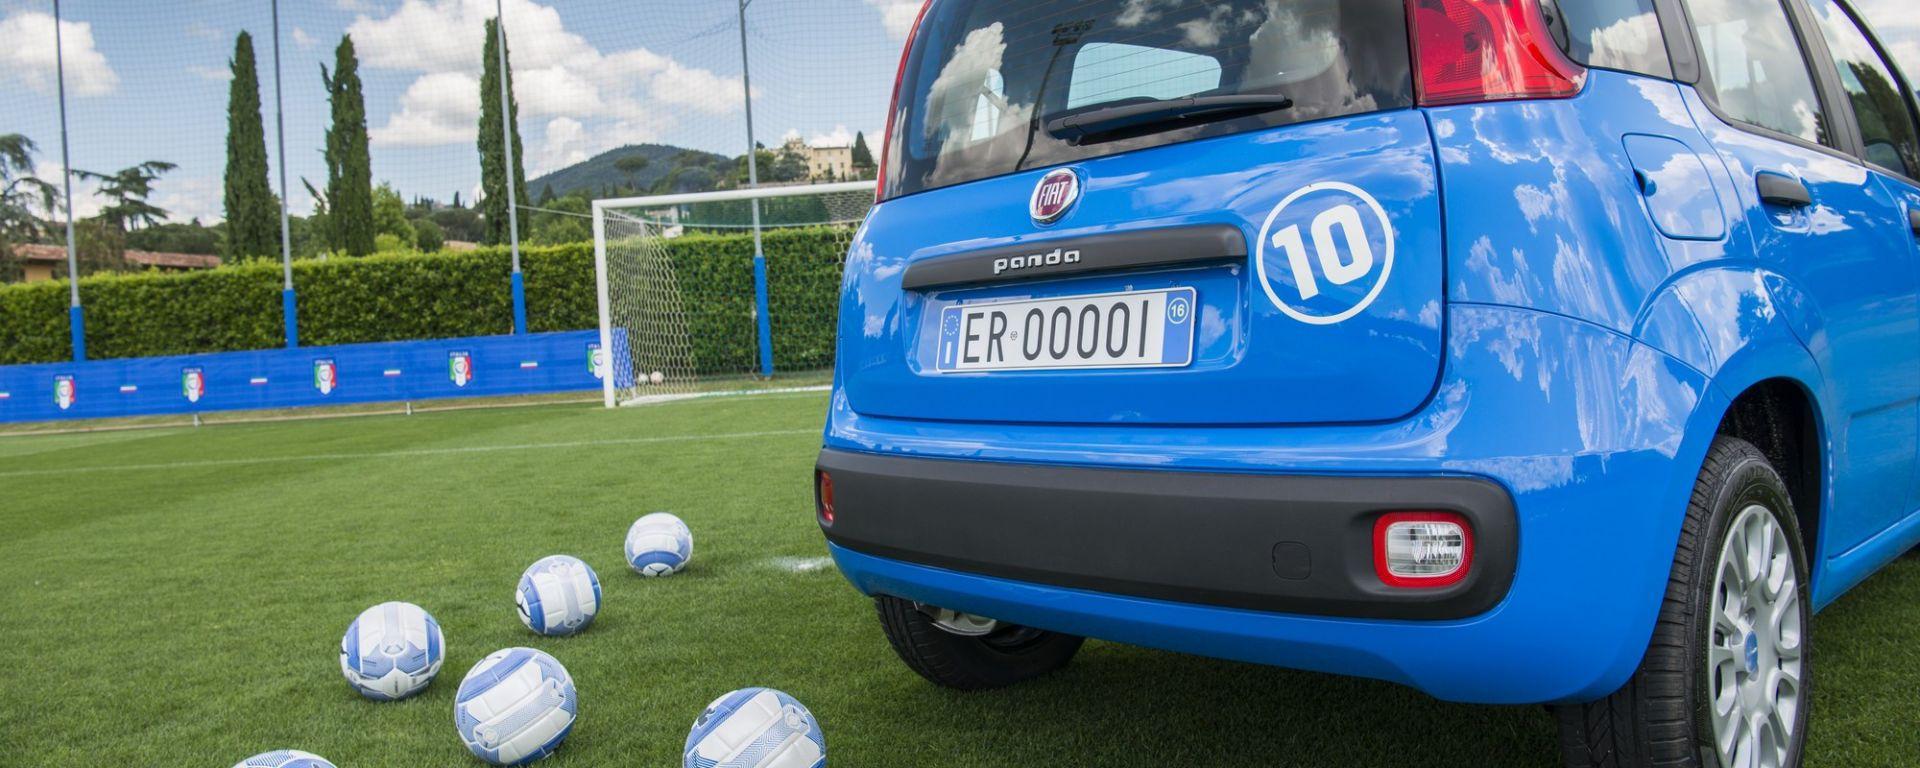 Fiat Pandazzurri, la Panda della Nazionale di calcio